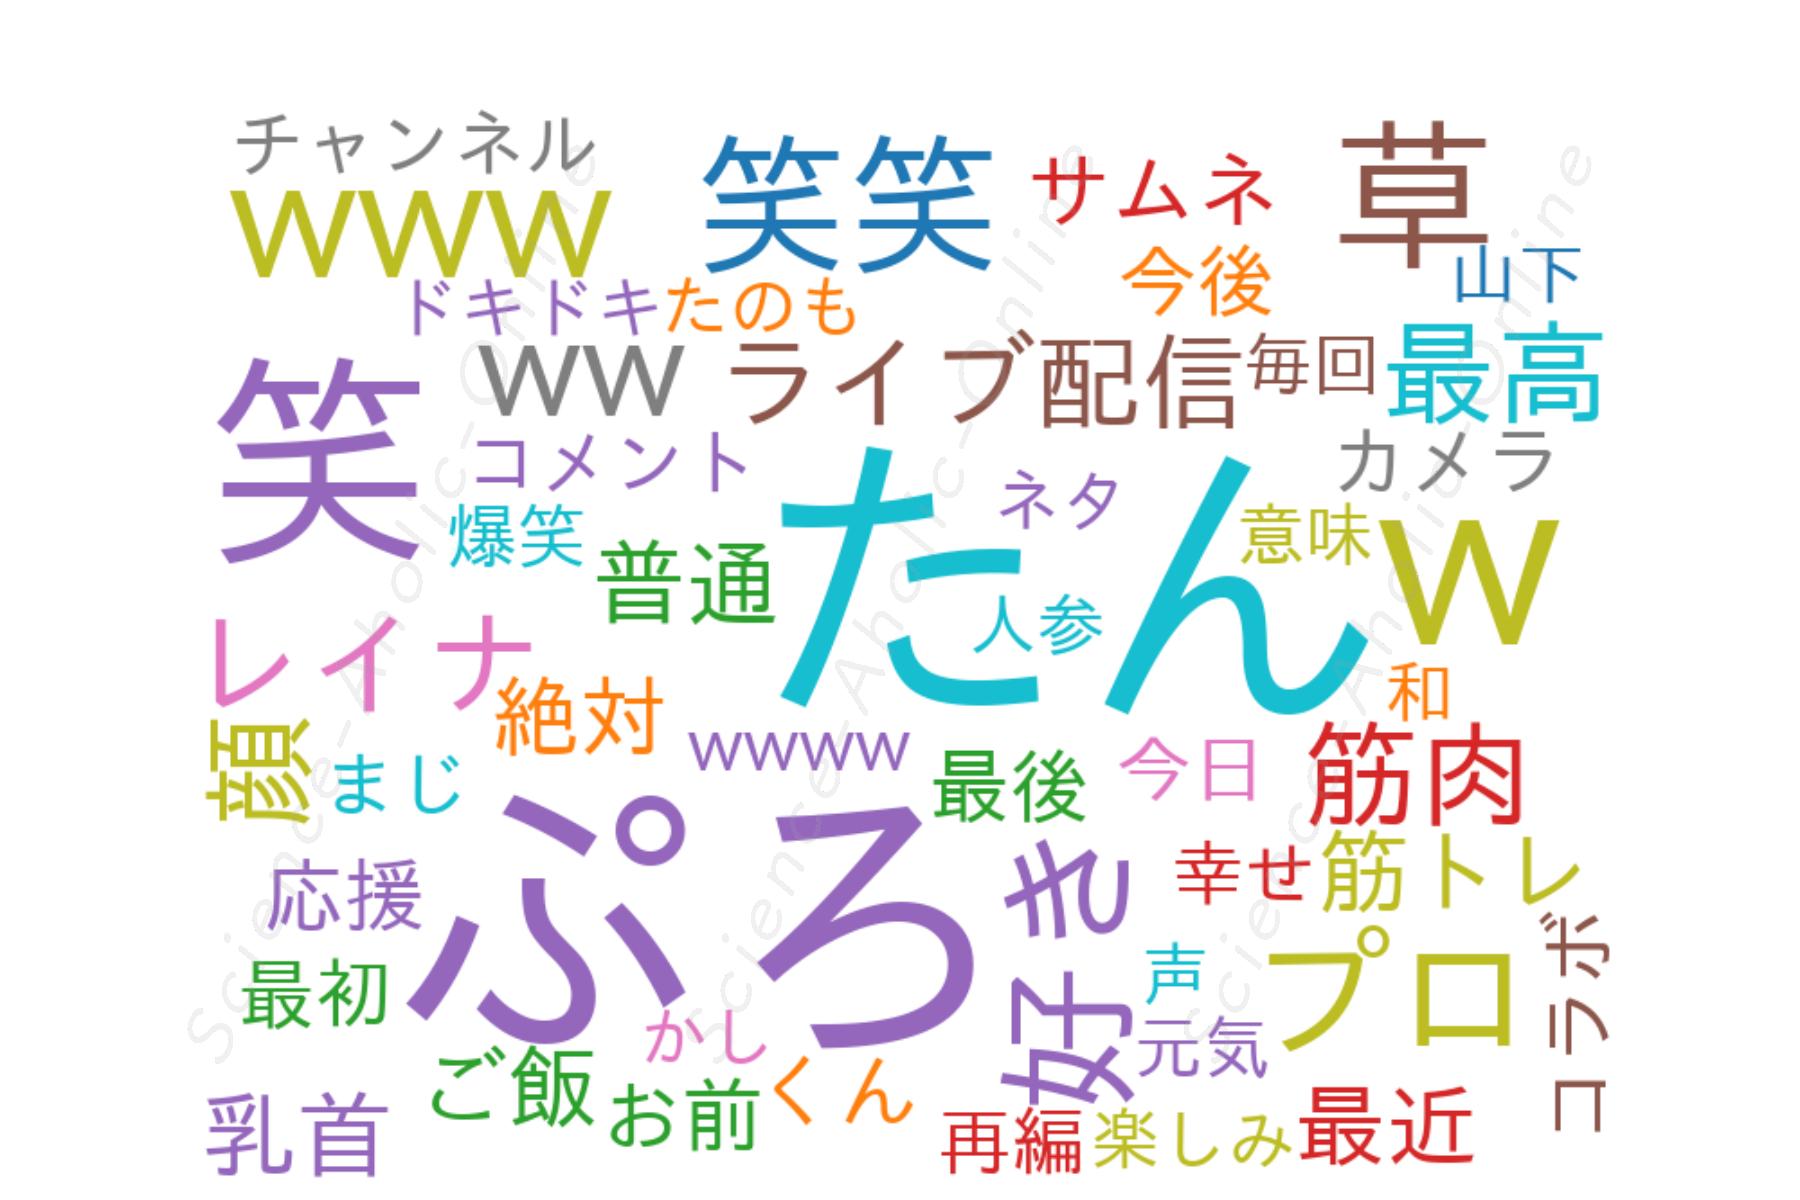 wordcloud_ぷろたん日記